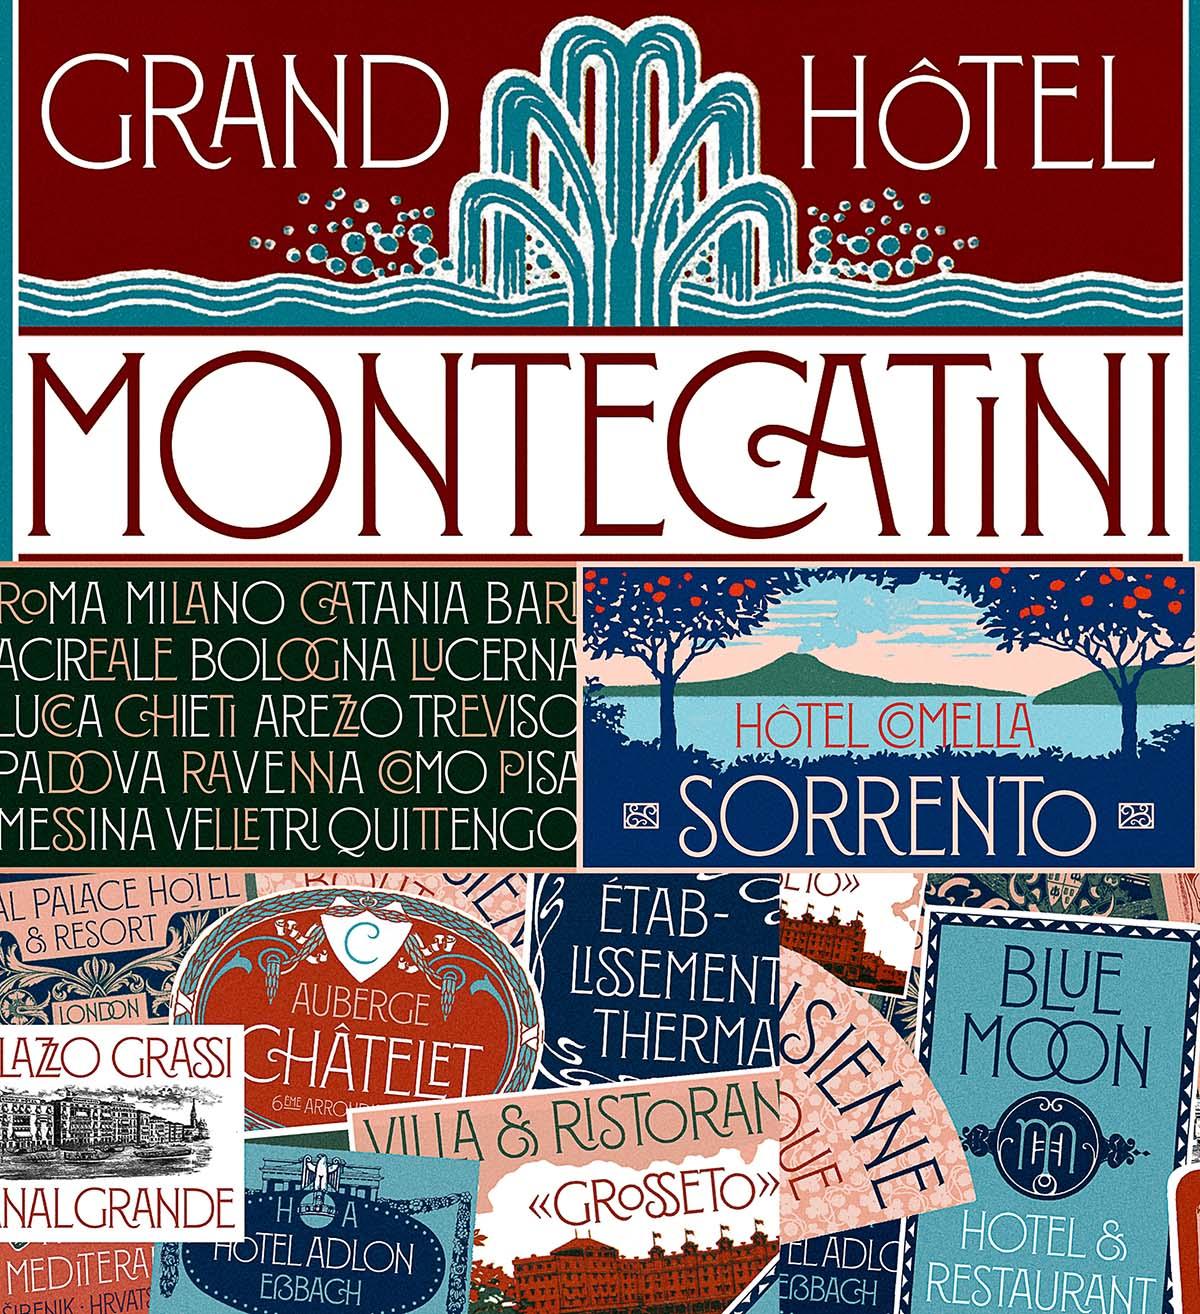 Montecatini retro font